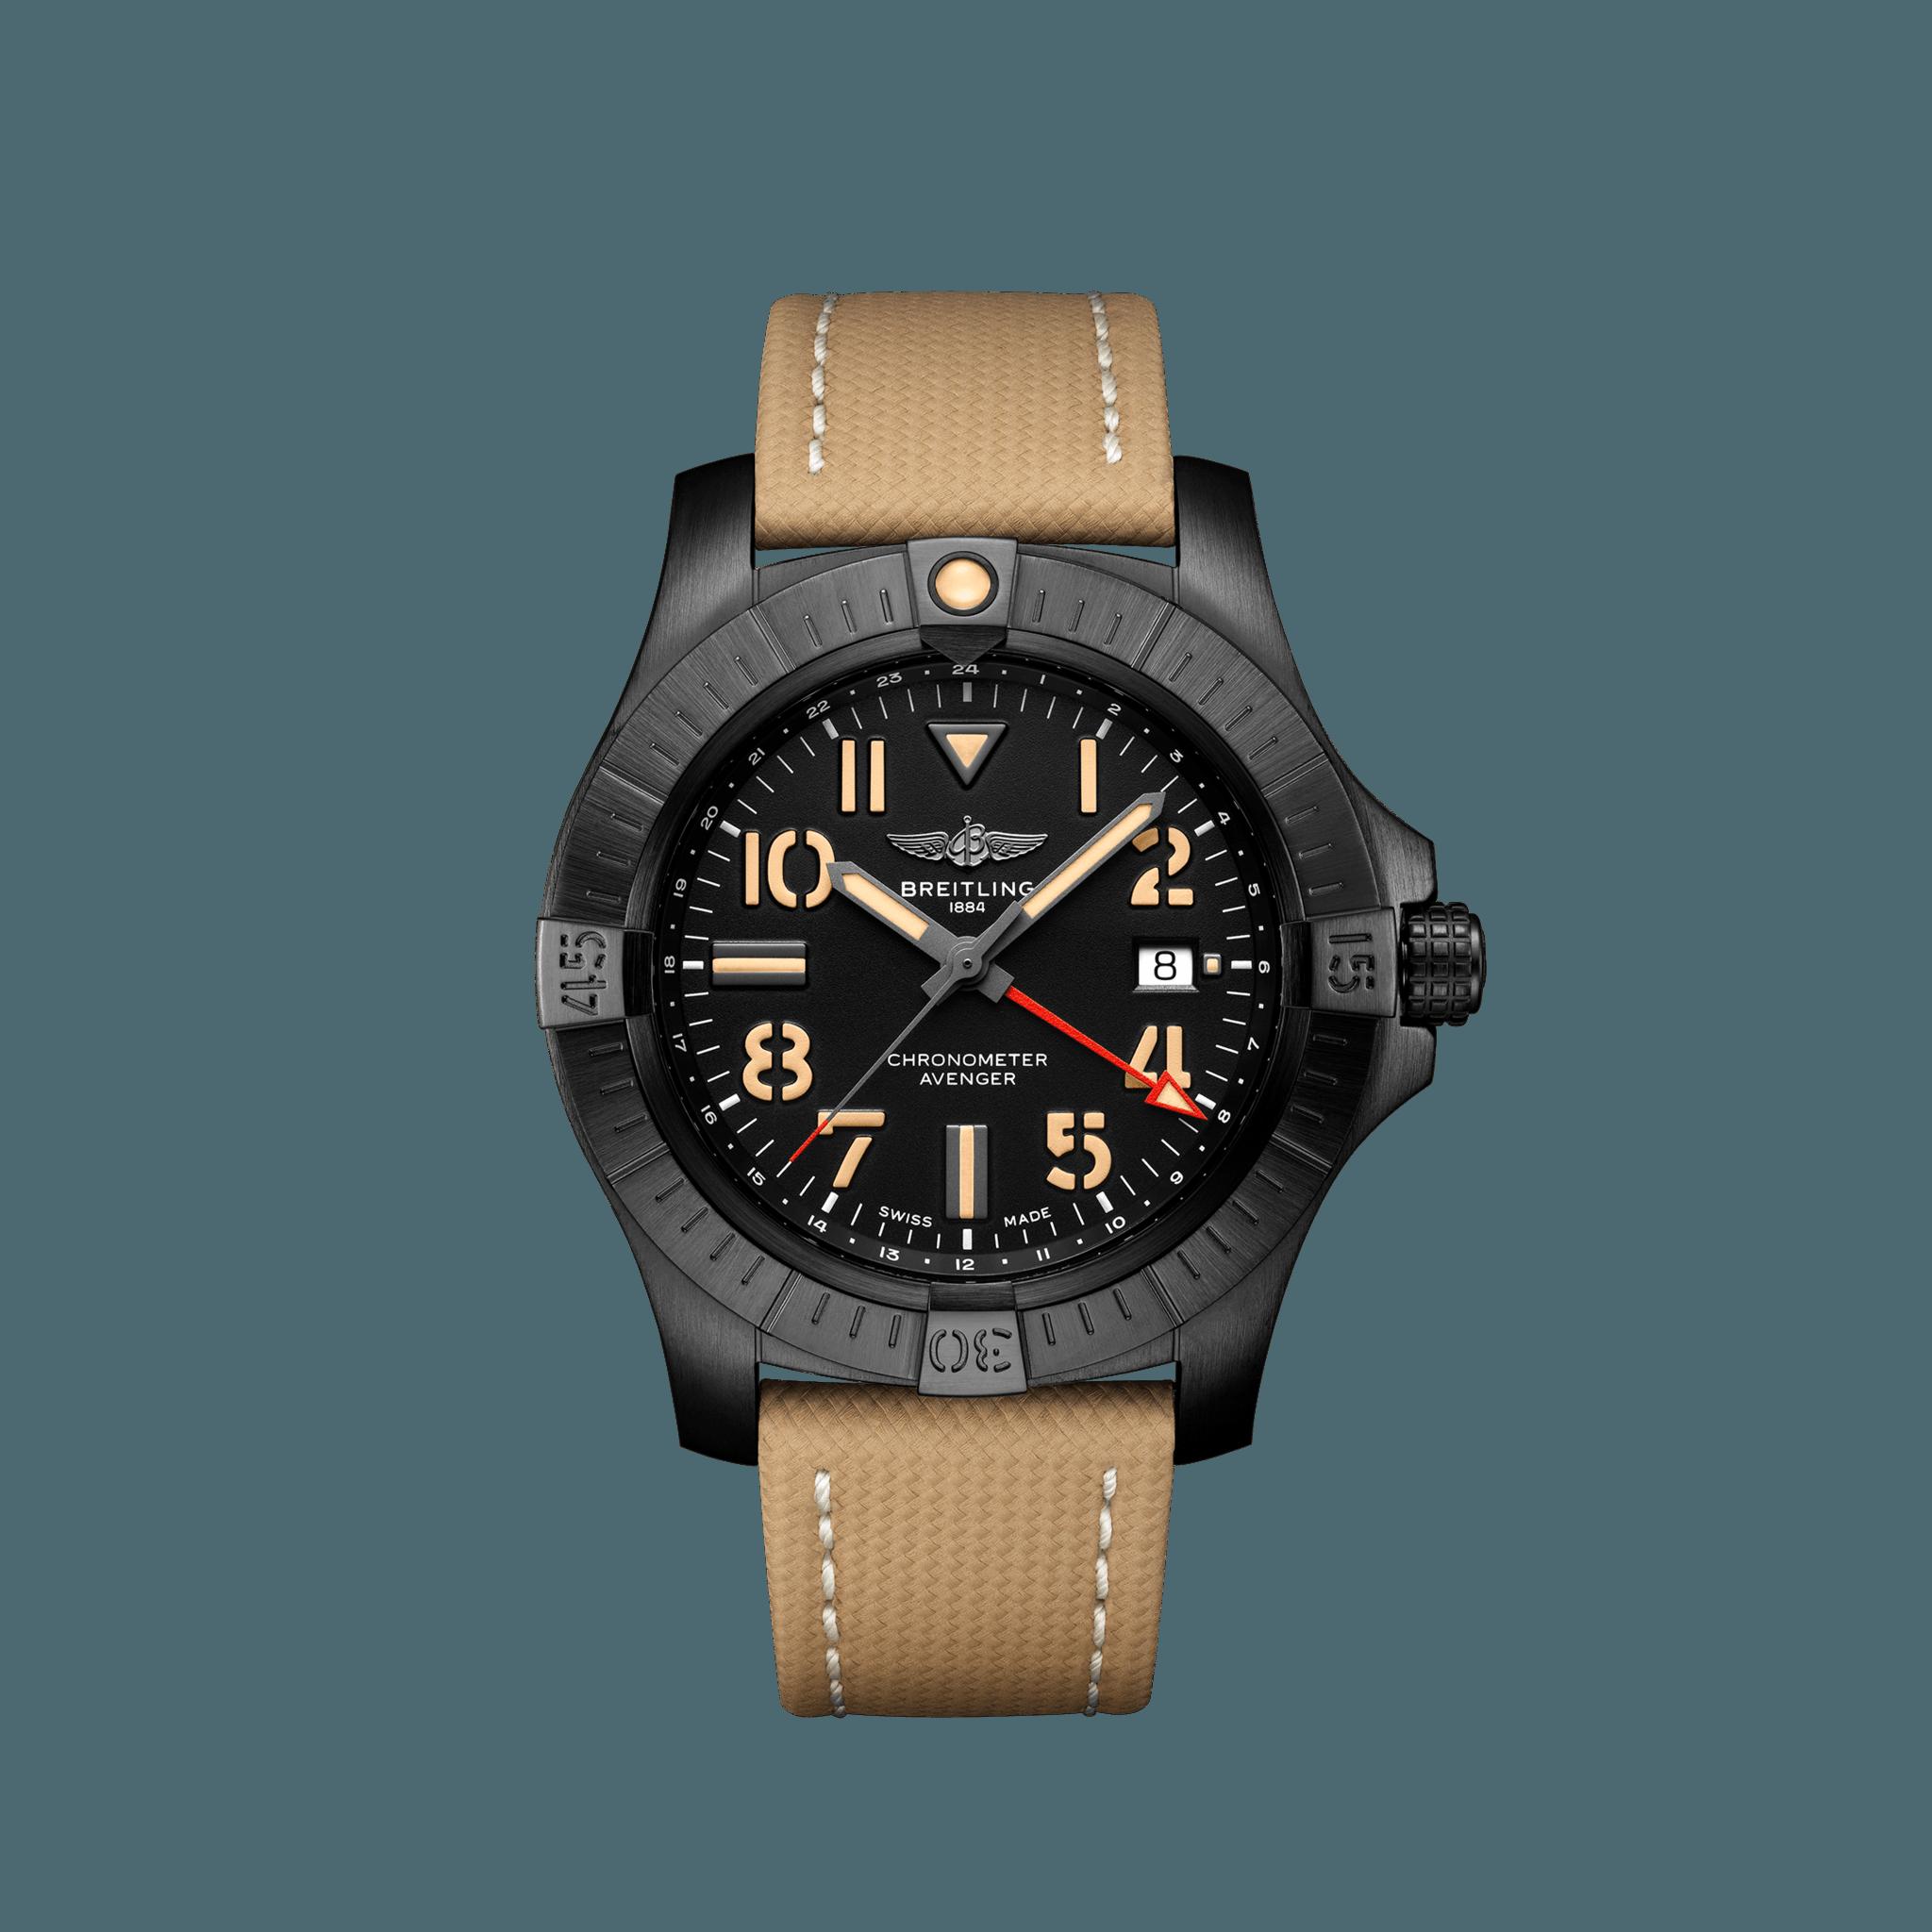 ブライトリング アベンジャー オートマチック GMT 45 ナイト ミッション